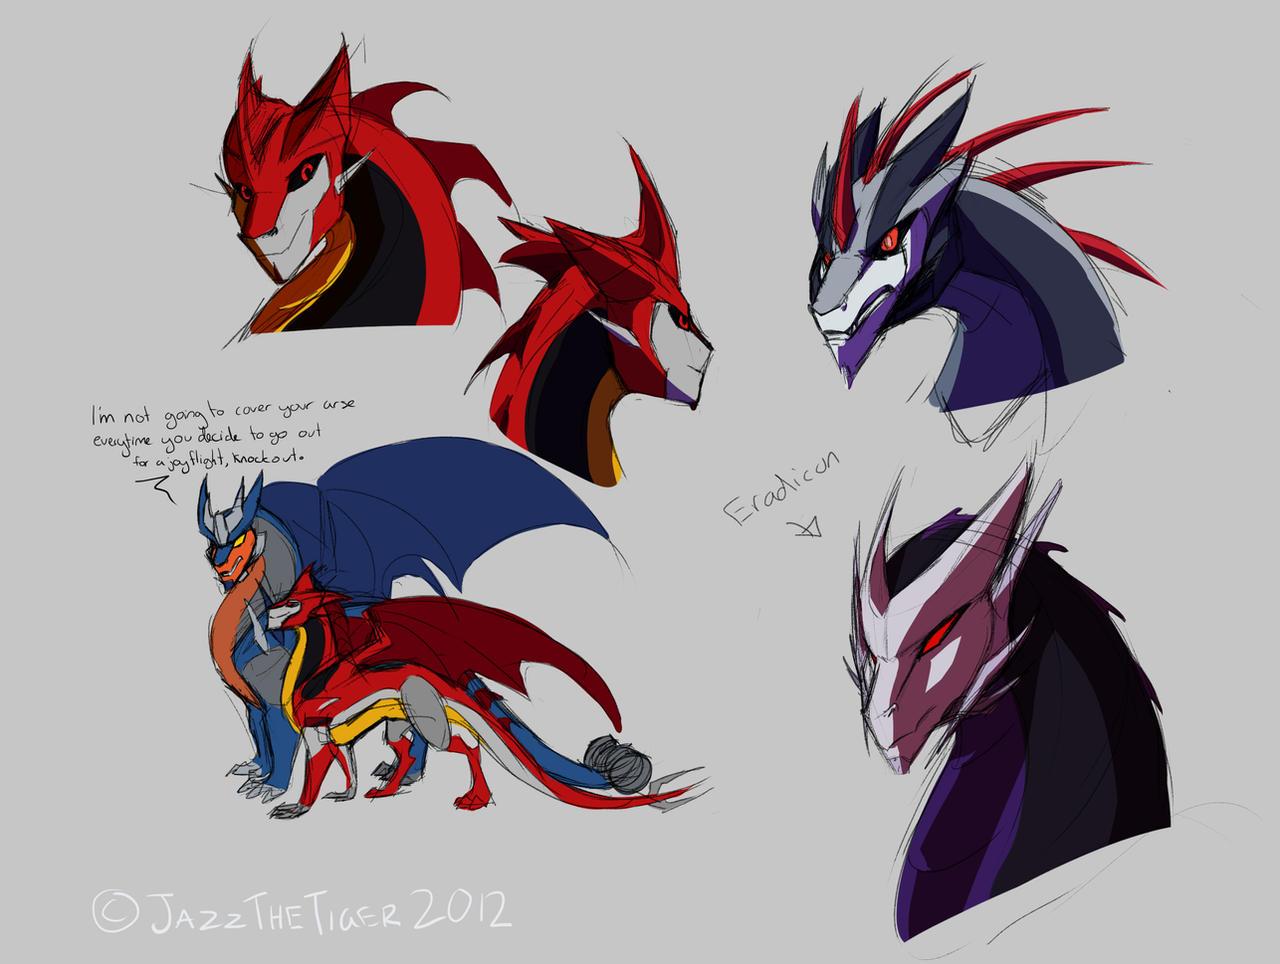 TFP Dragonformers Decepticon Sketches by JazzTheTiger